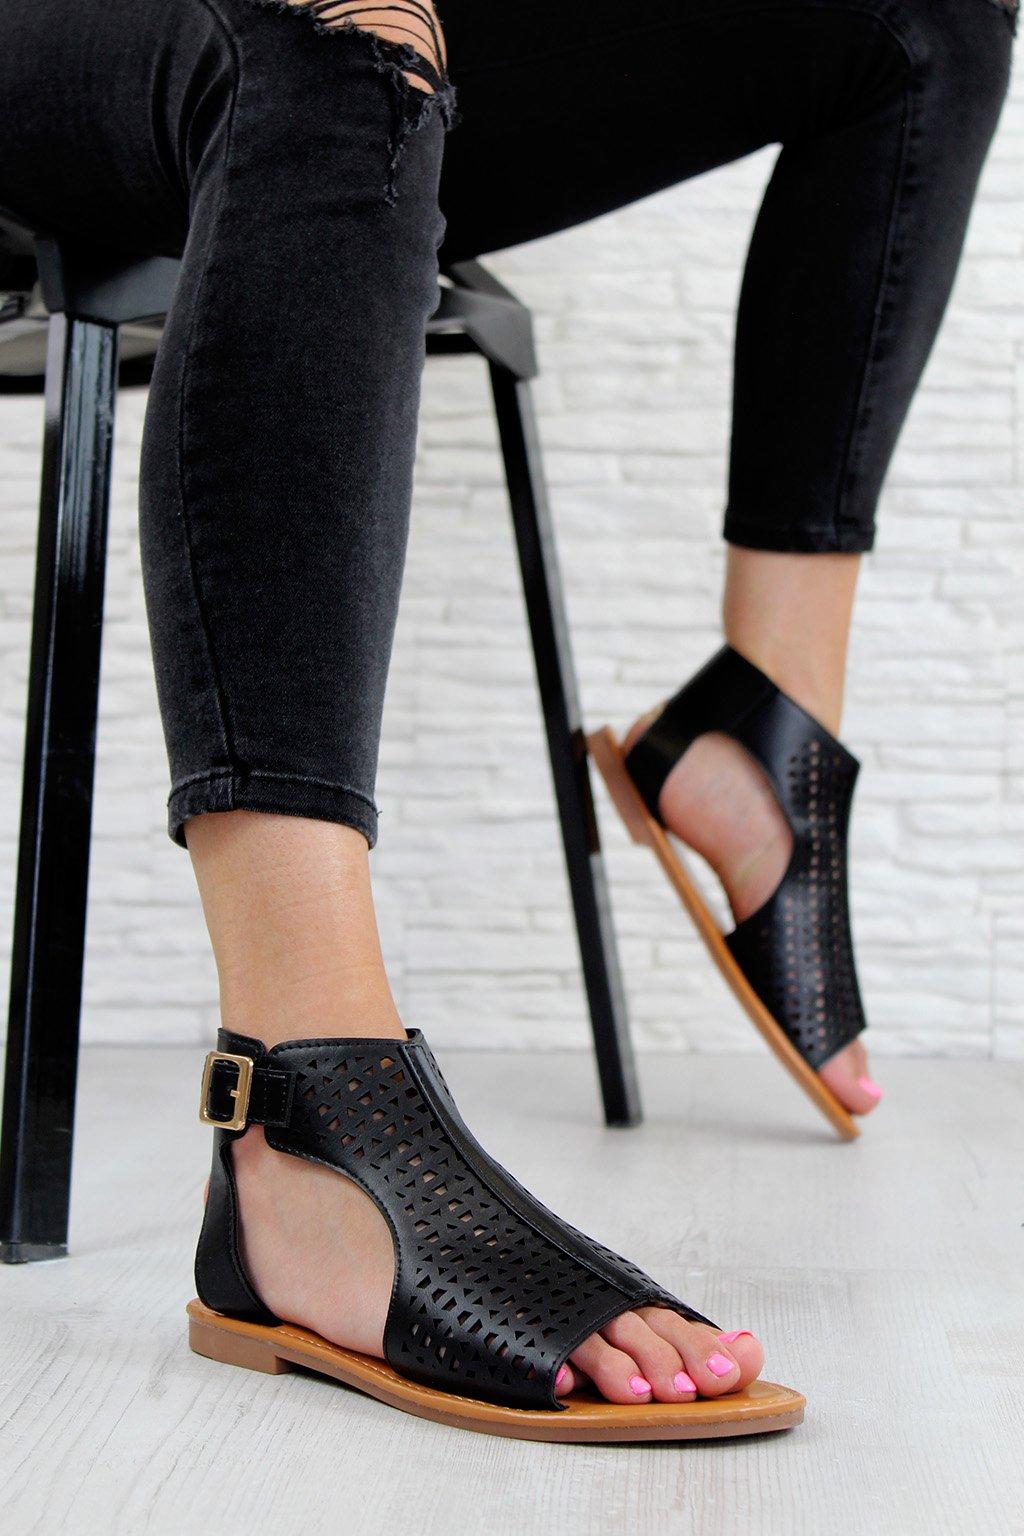 LY9039 1B Černé sandále (1)